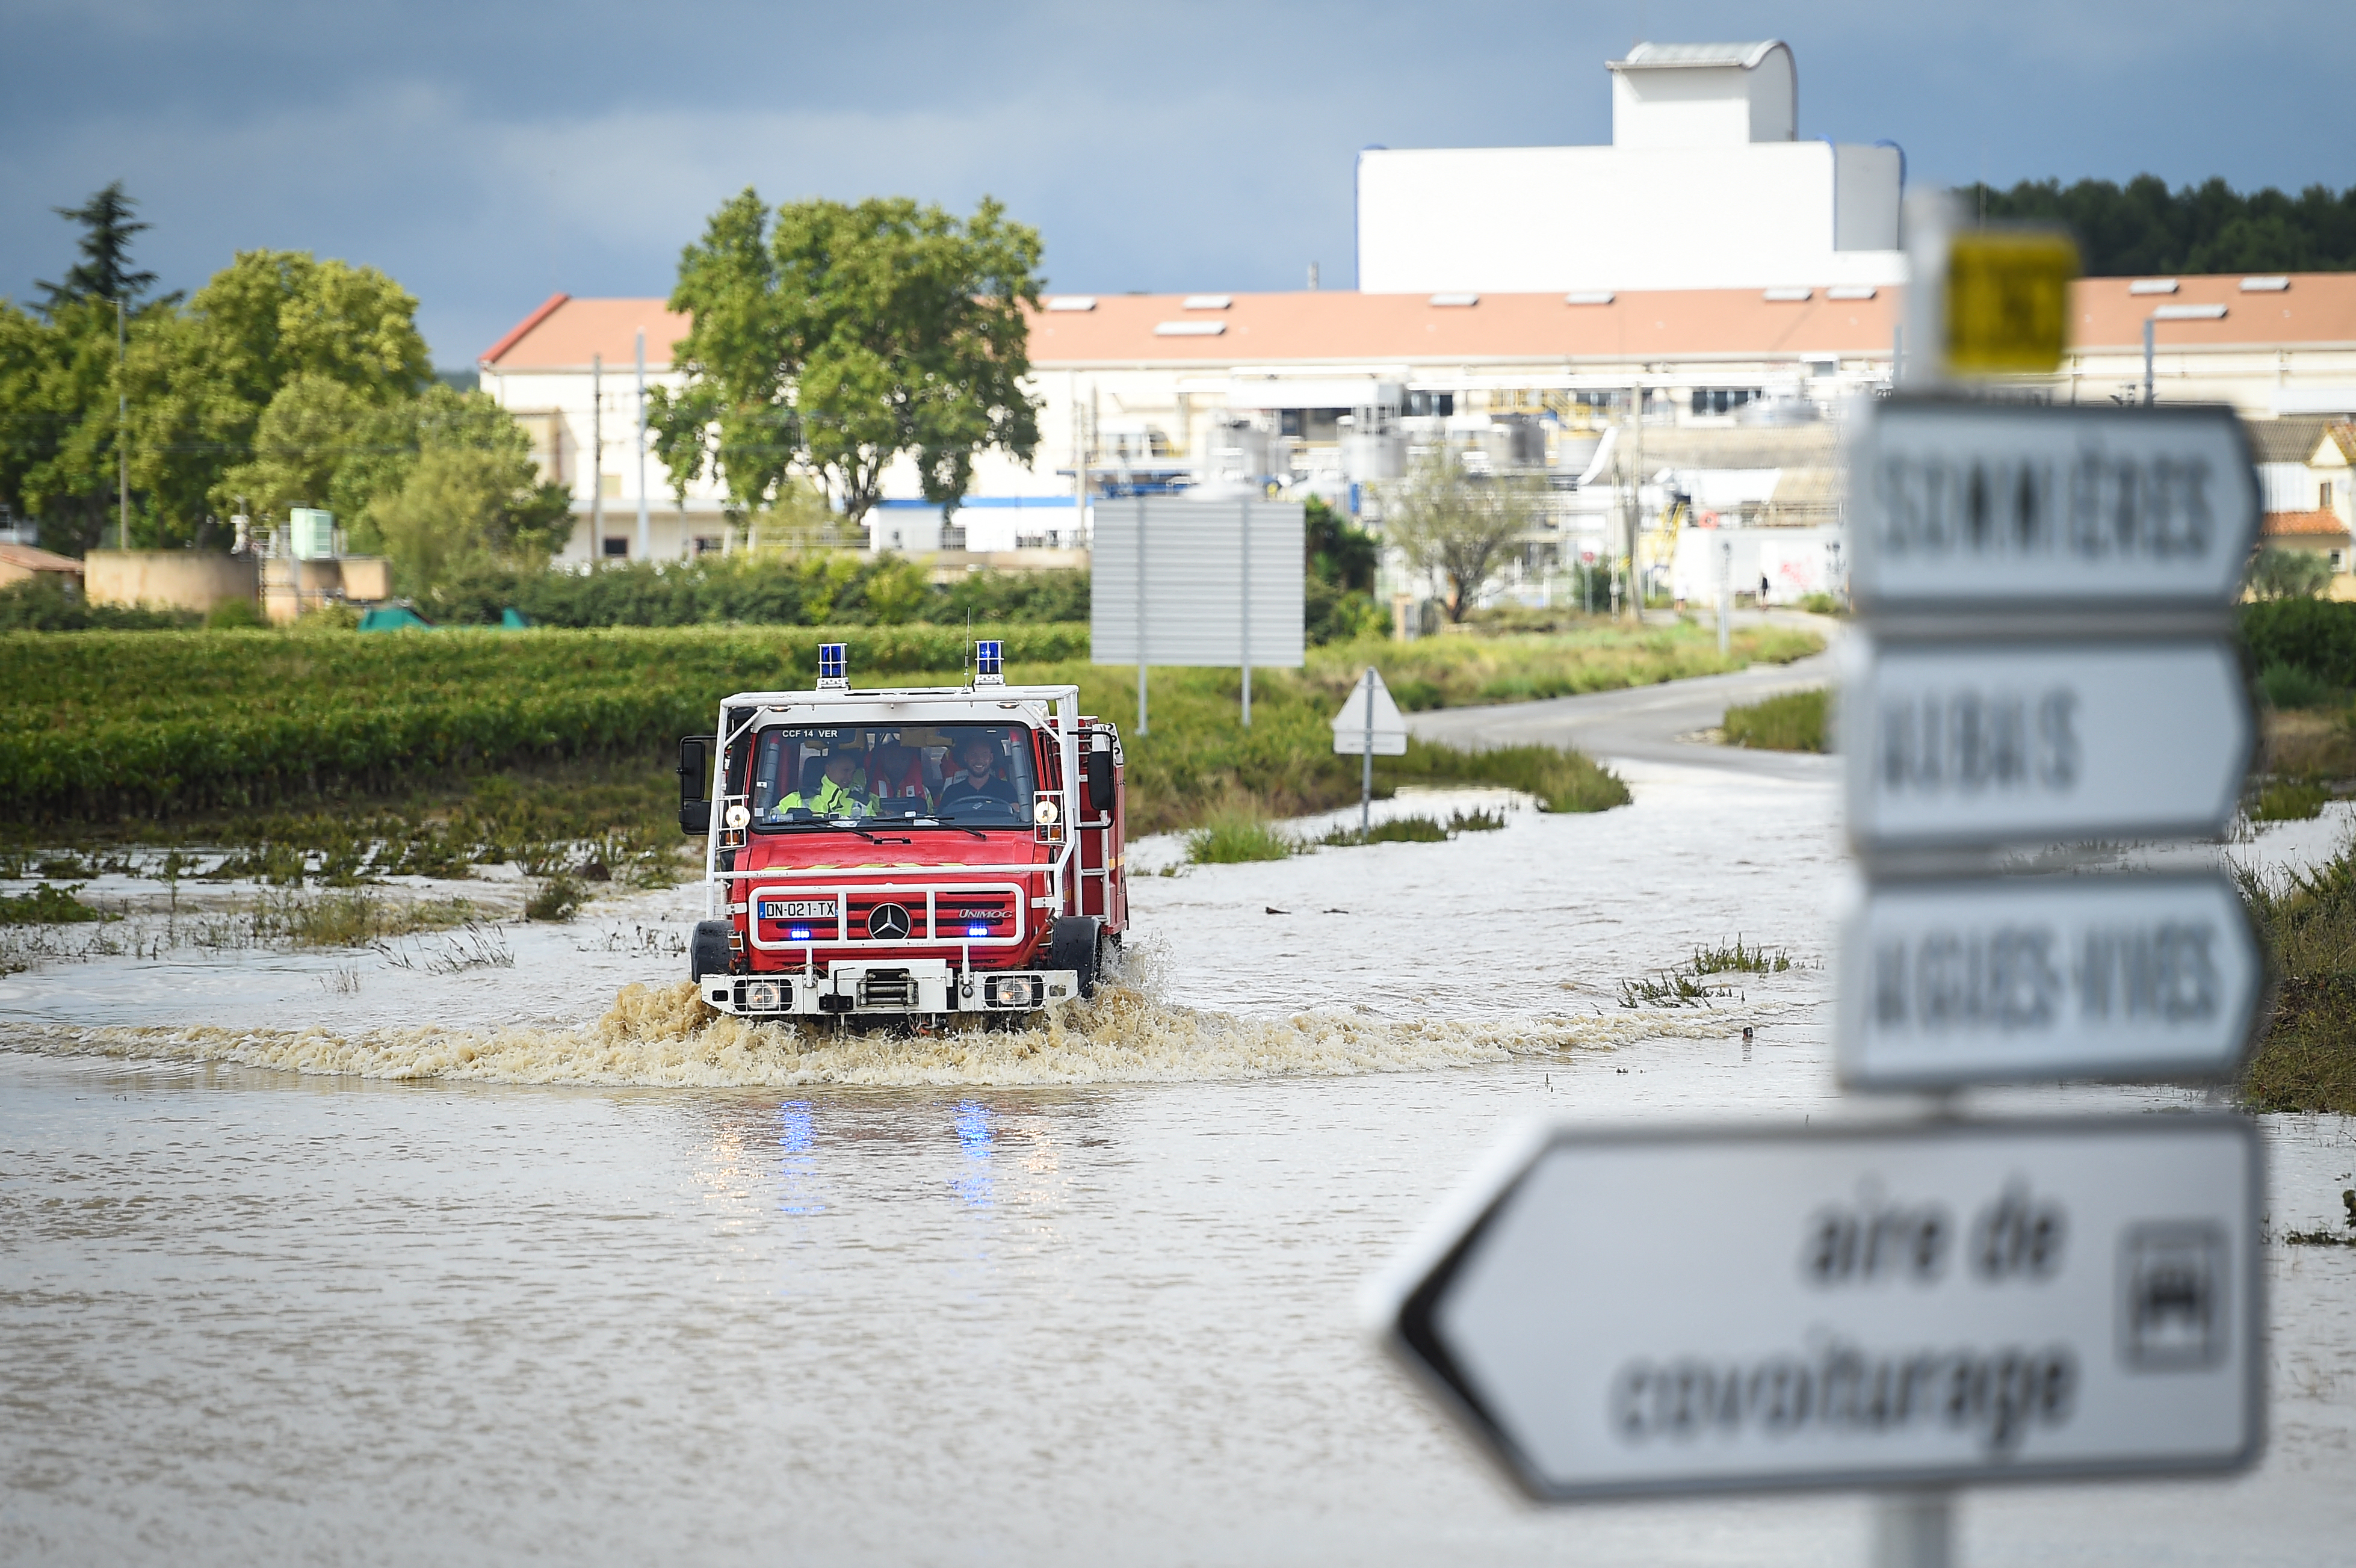 Масштабные наводнения во Франции: стихия уносит жизни людей (ФОТО) - фото 2